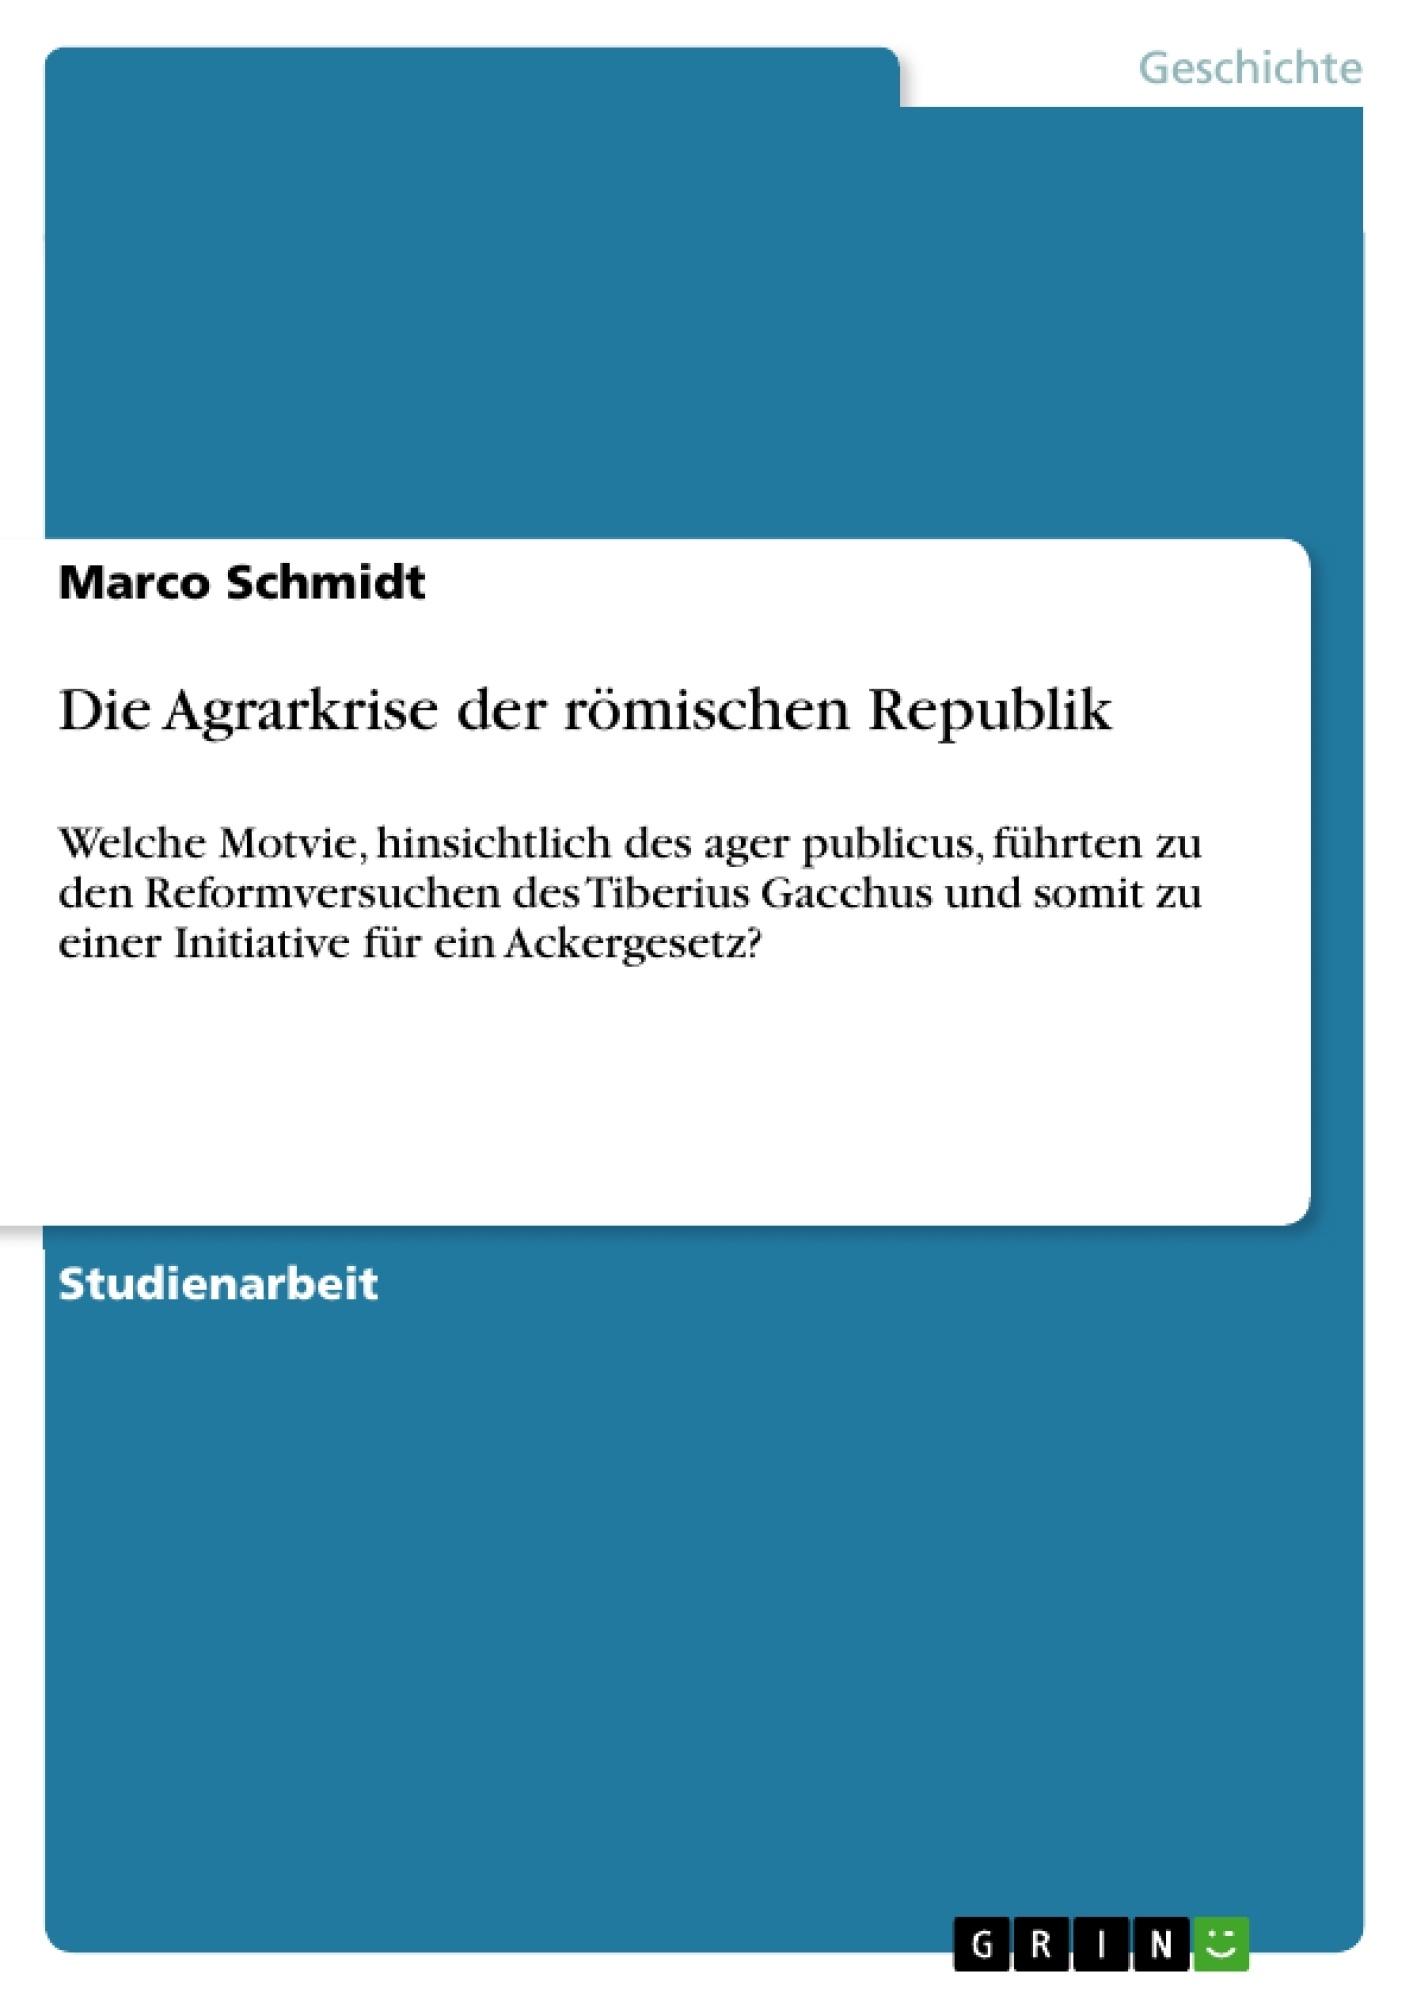 Titel: Die Agrarkrise der römischen Republik